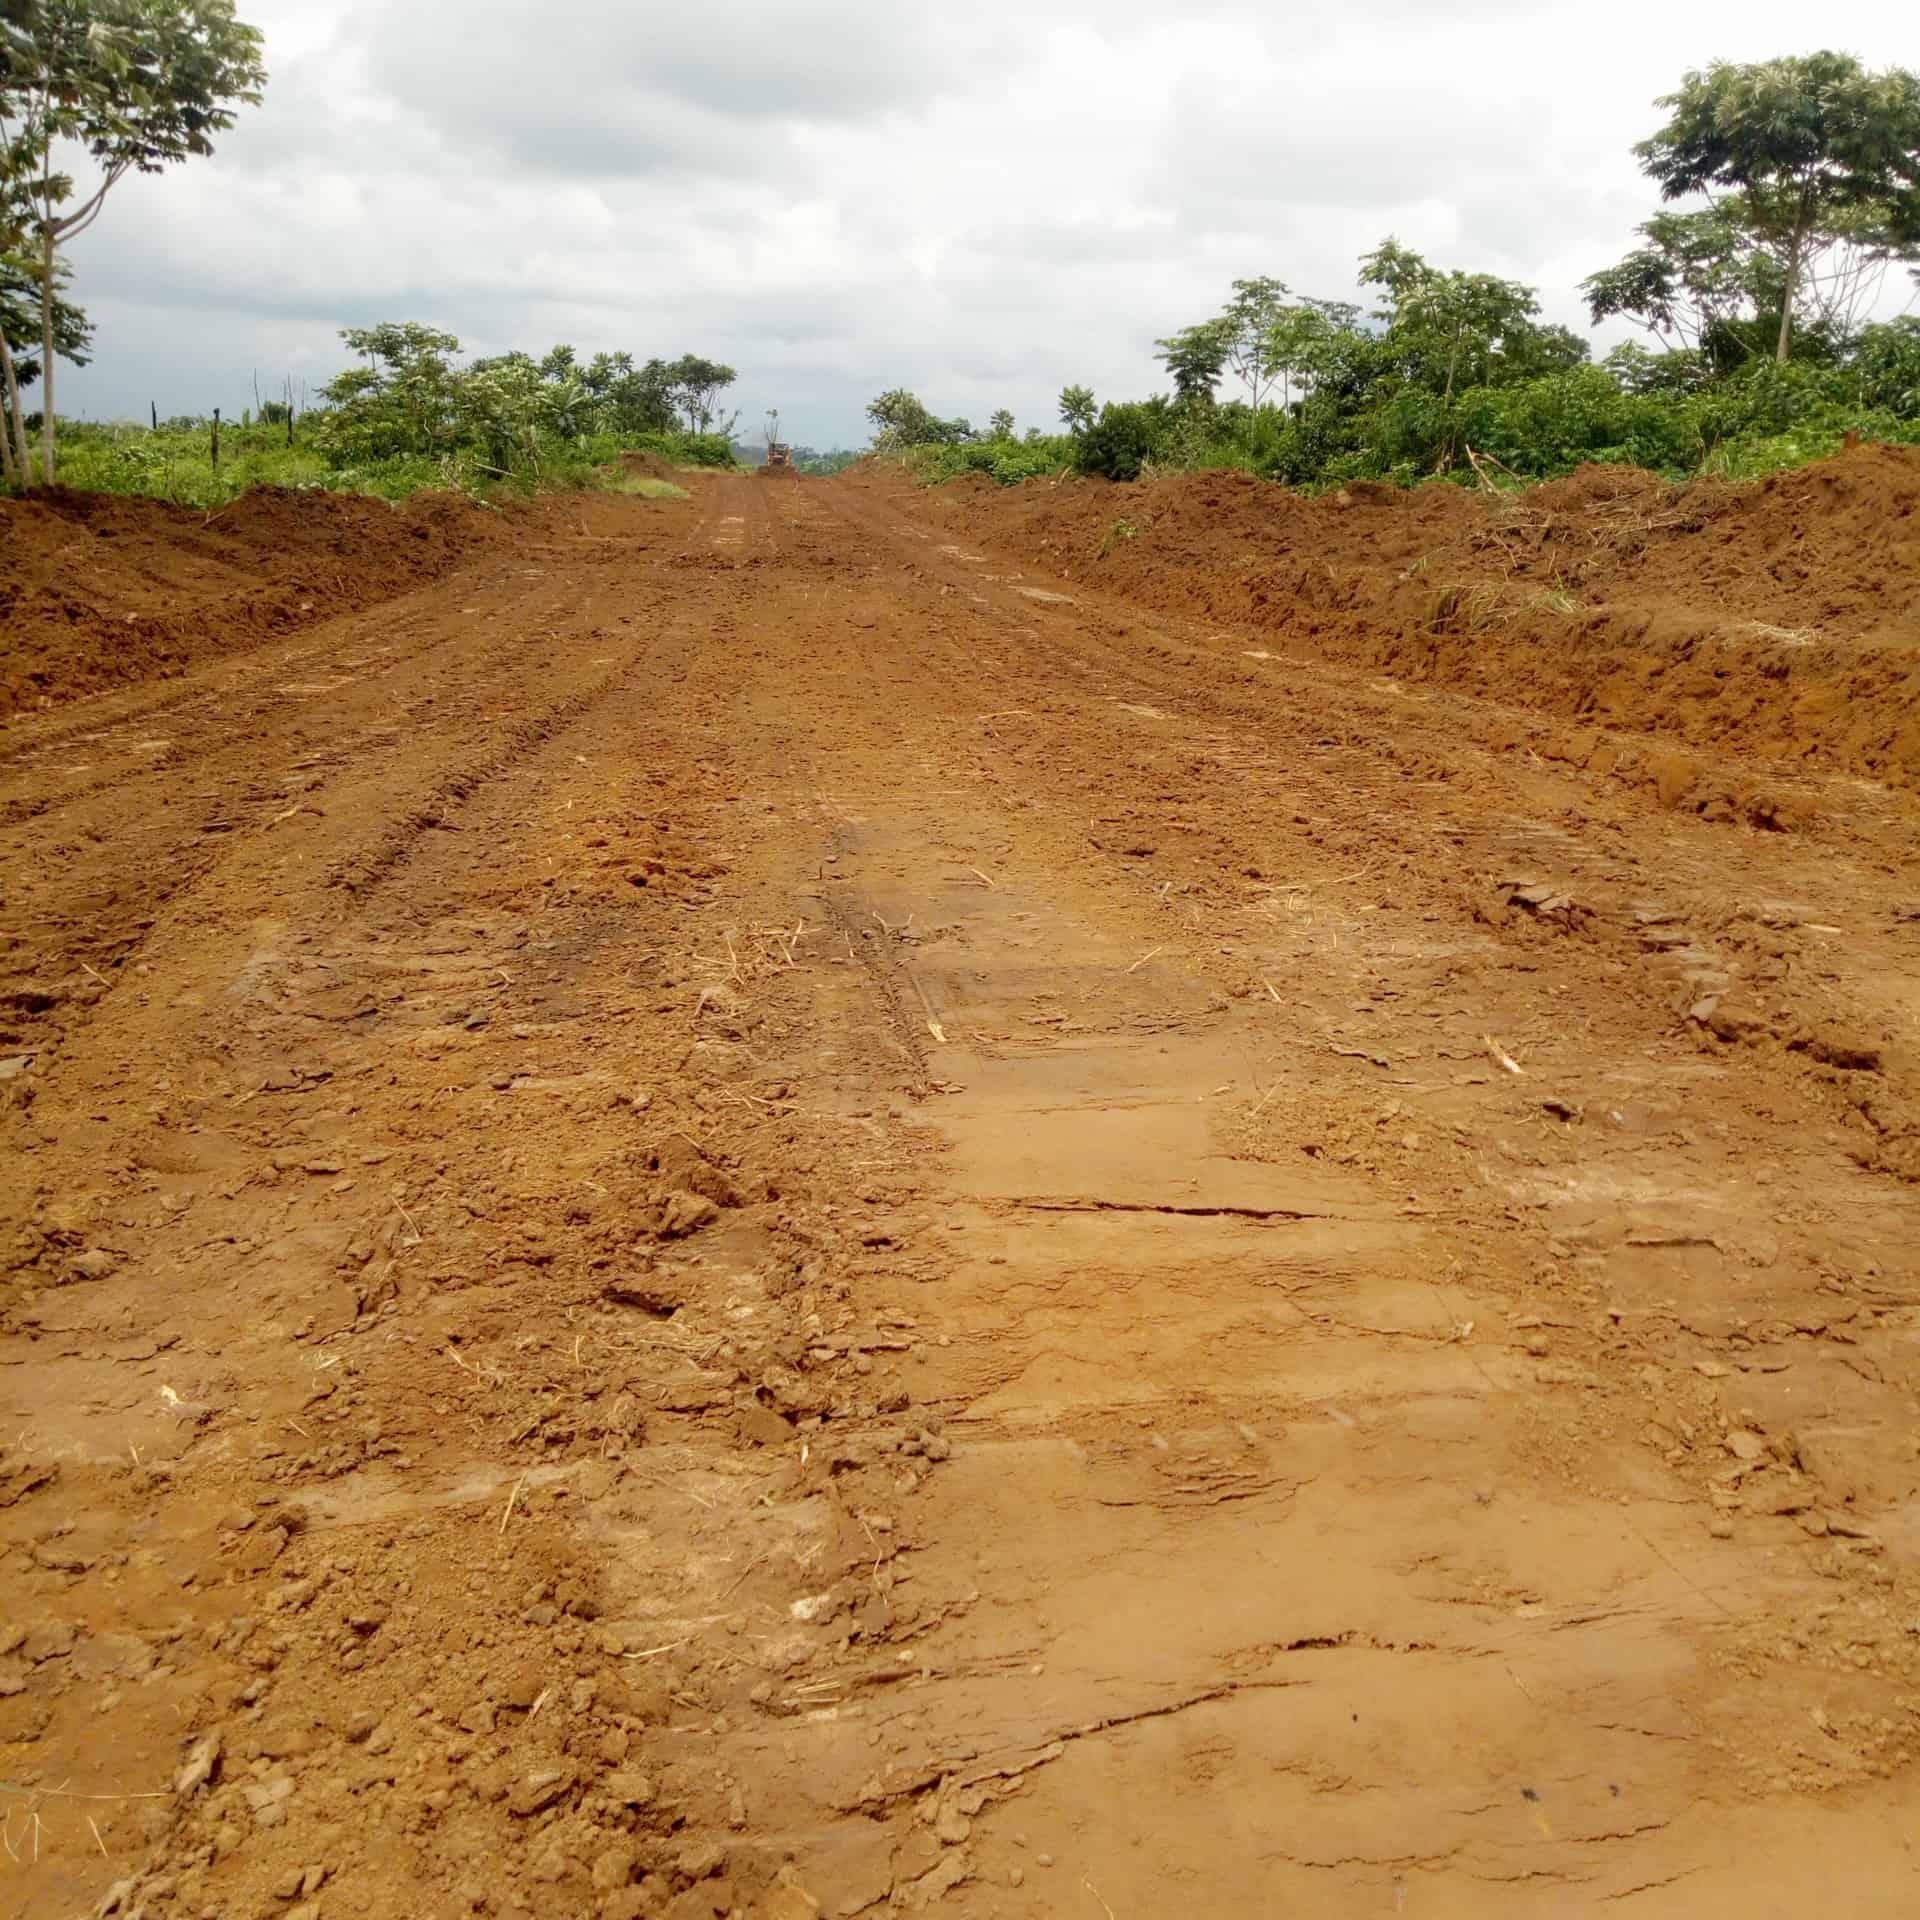 Land for sale at Yaoundé, Ndamvout, centre - 2000 m2 - 200 000 FCFA